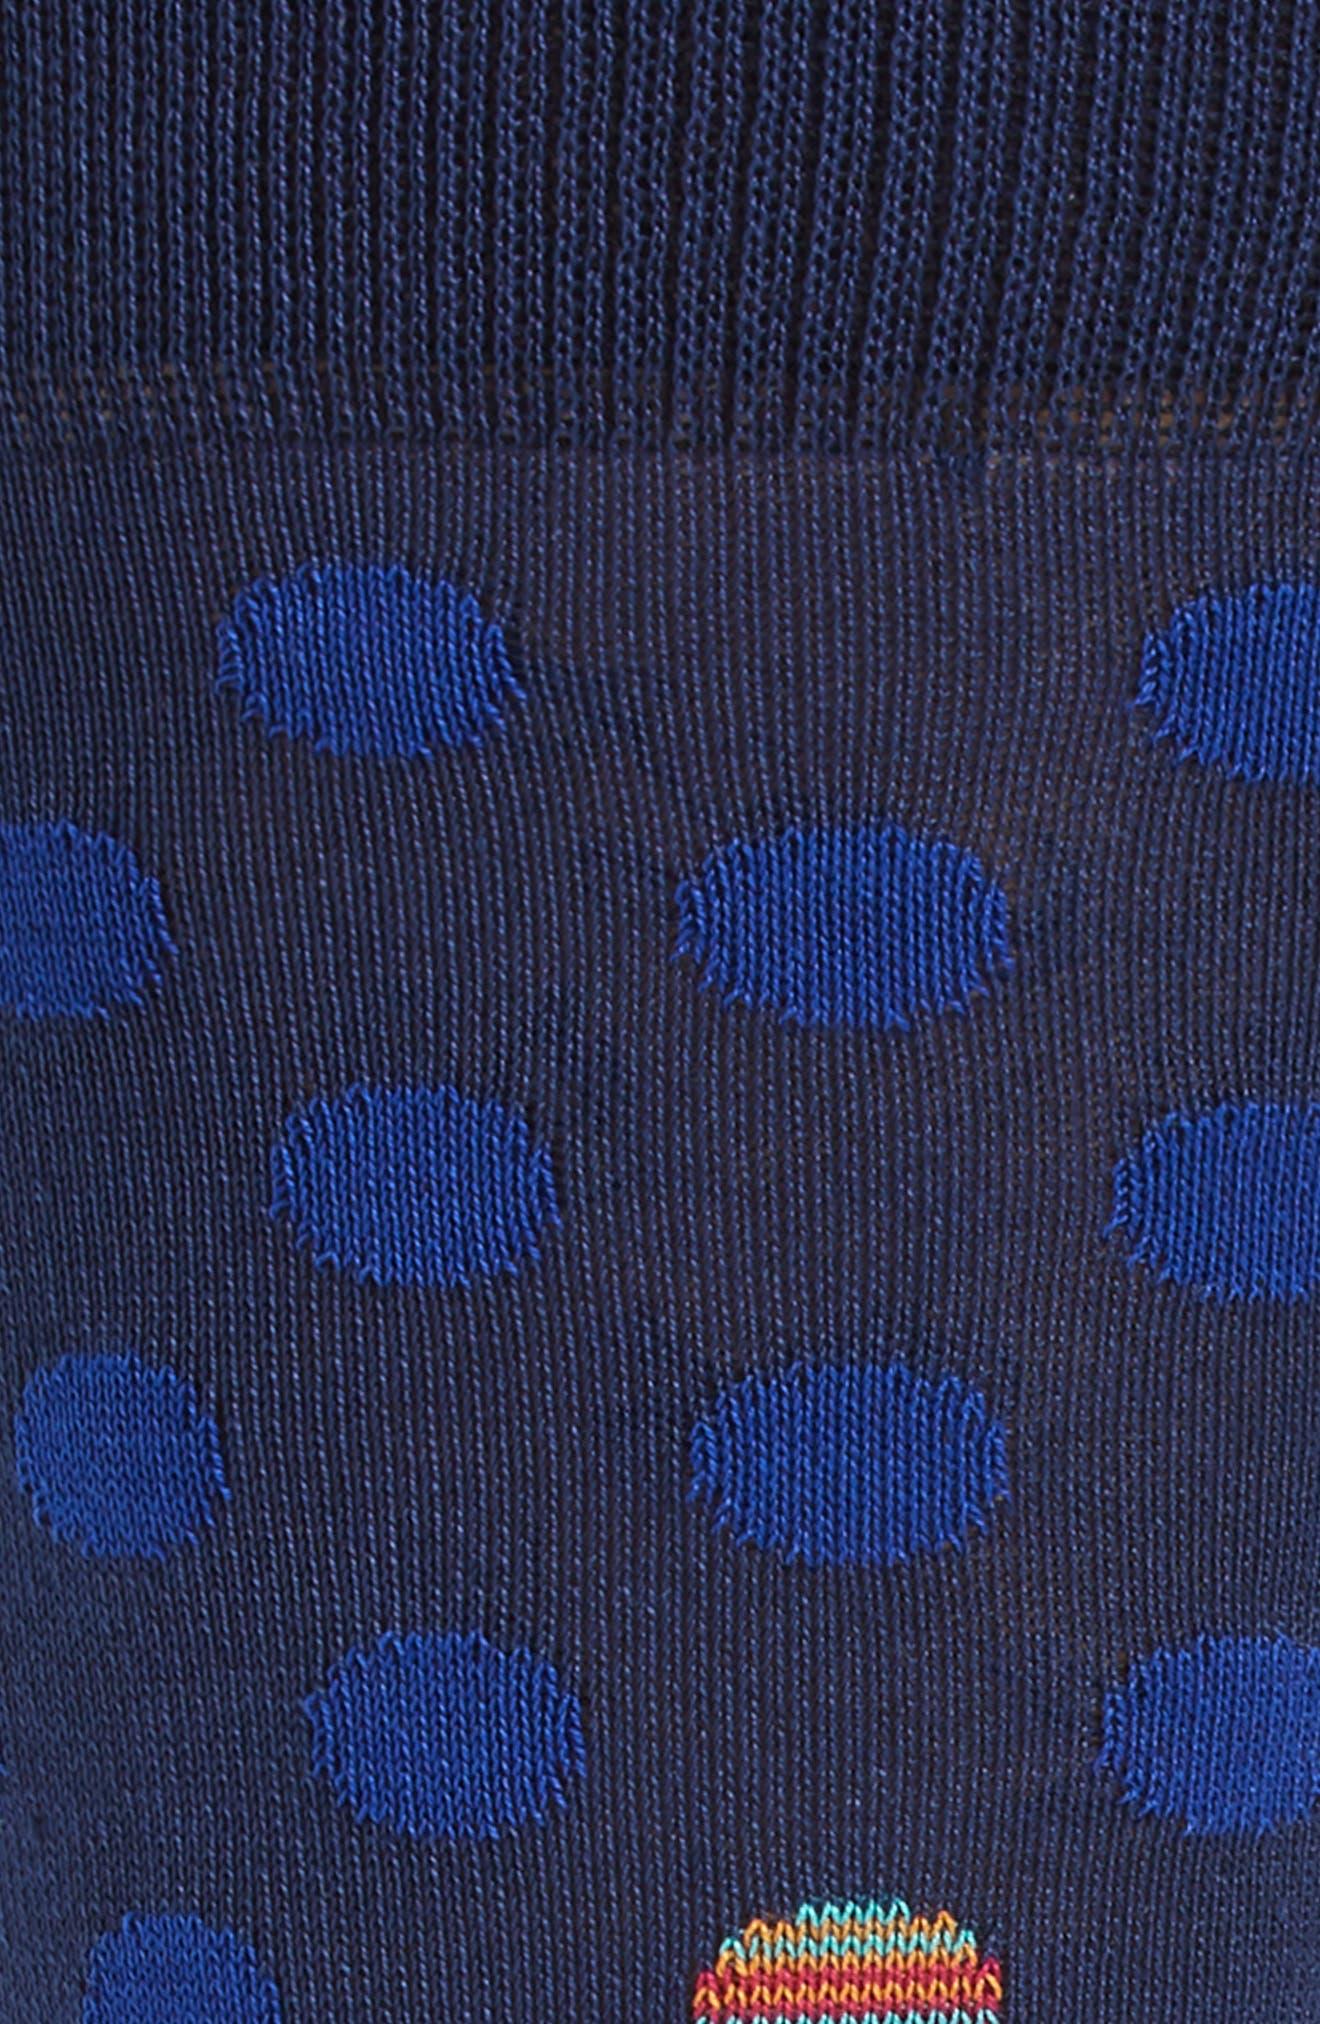 Dot Socks,                             Alternate thumbnail 2, color,                             411